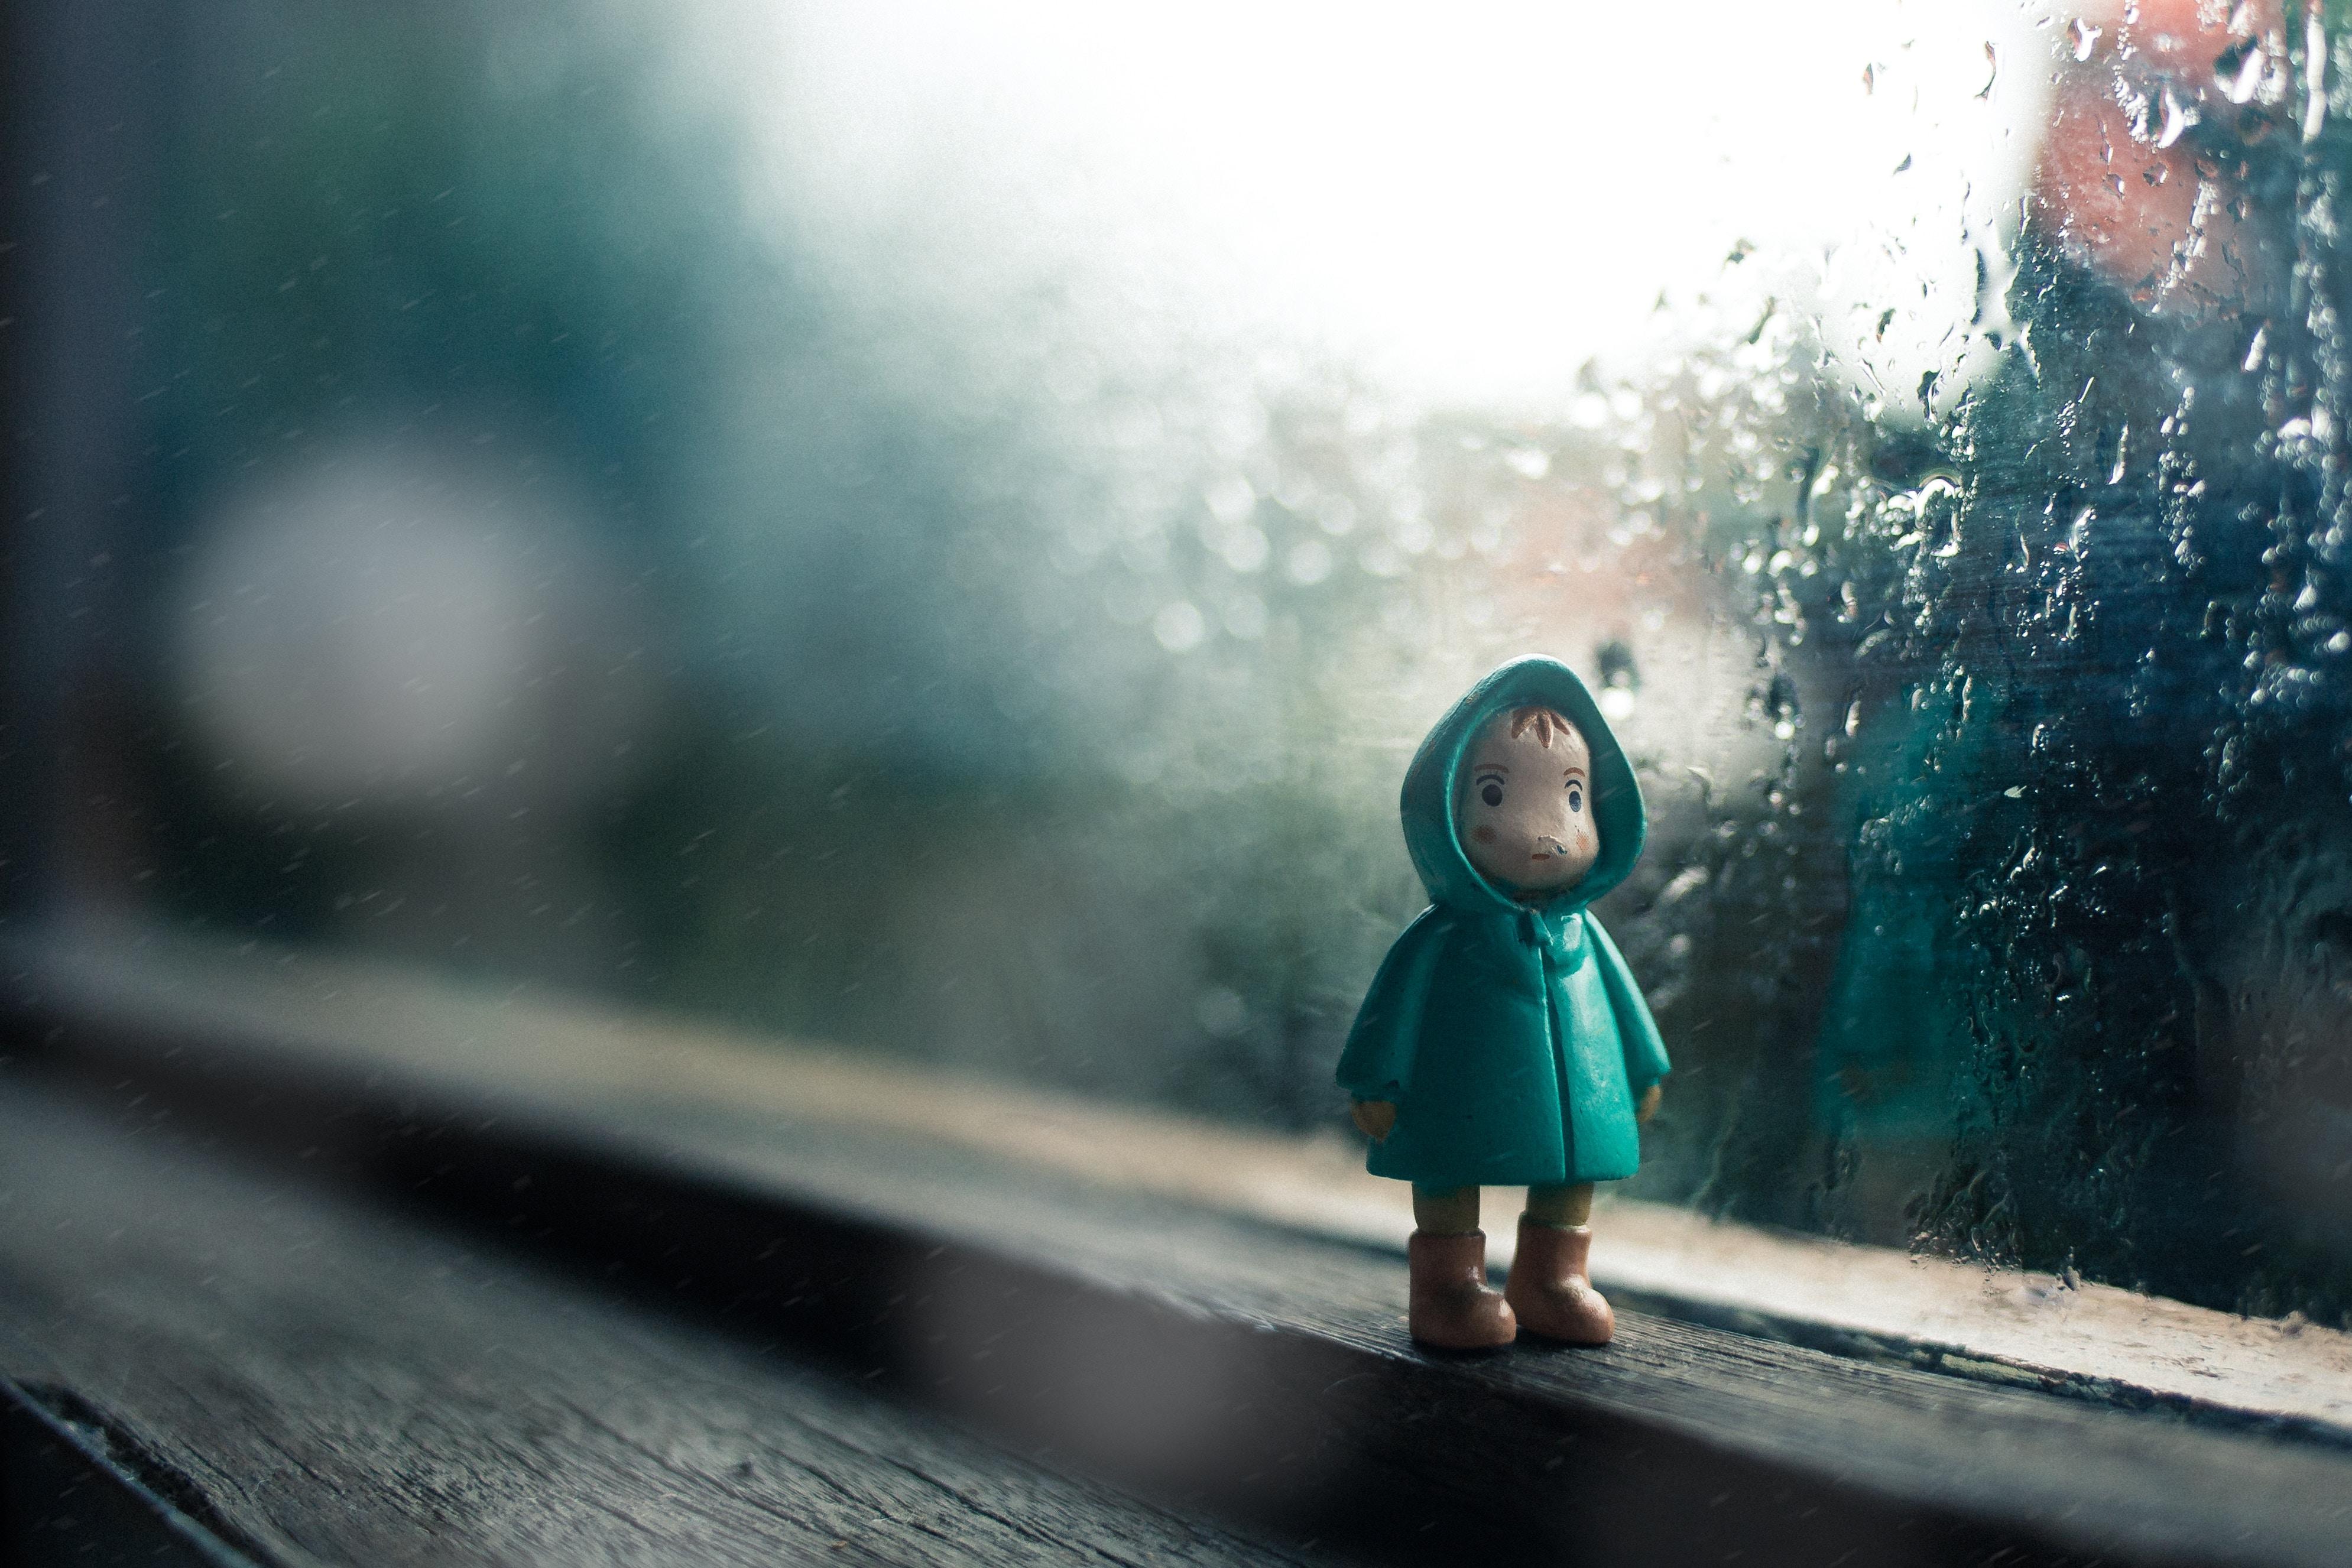 【子どもの雨具】おしゃれで可愛いキッズレインコートおすすめ6選 選ぶポイントも紹介